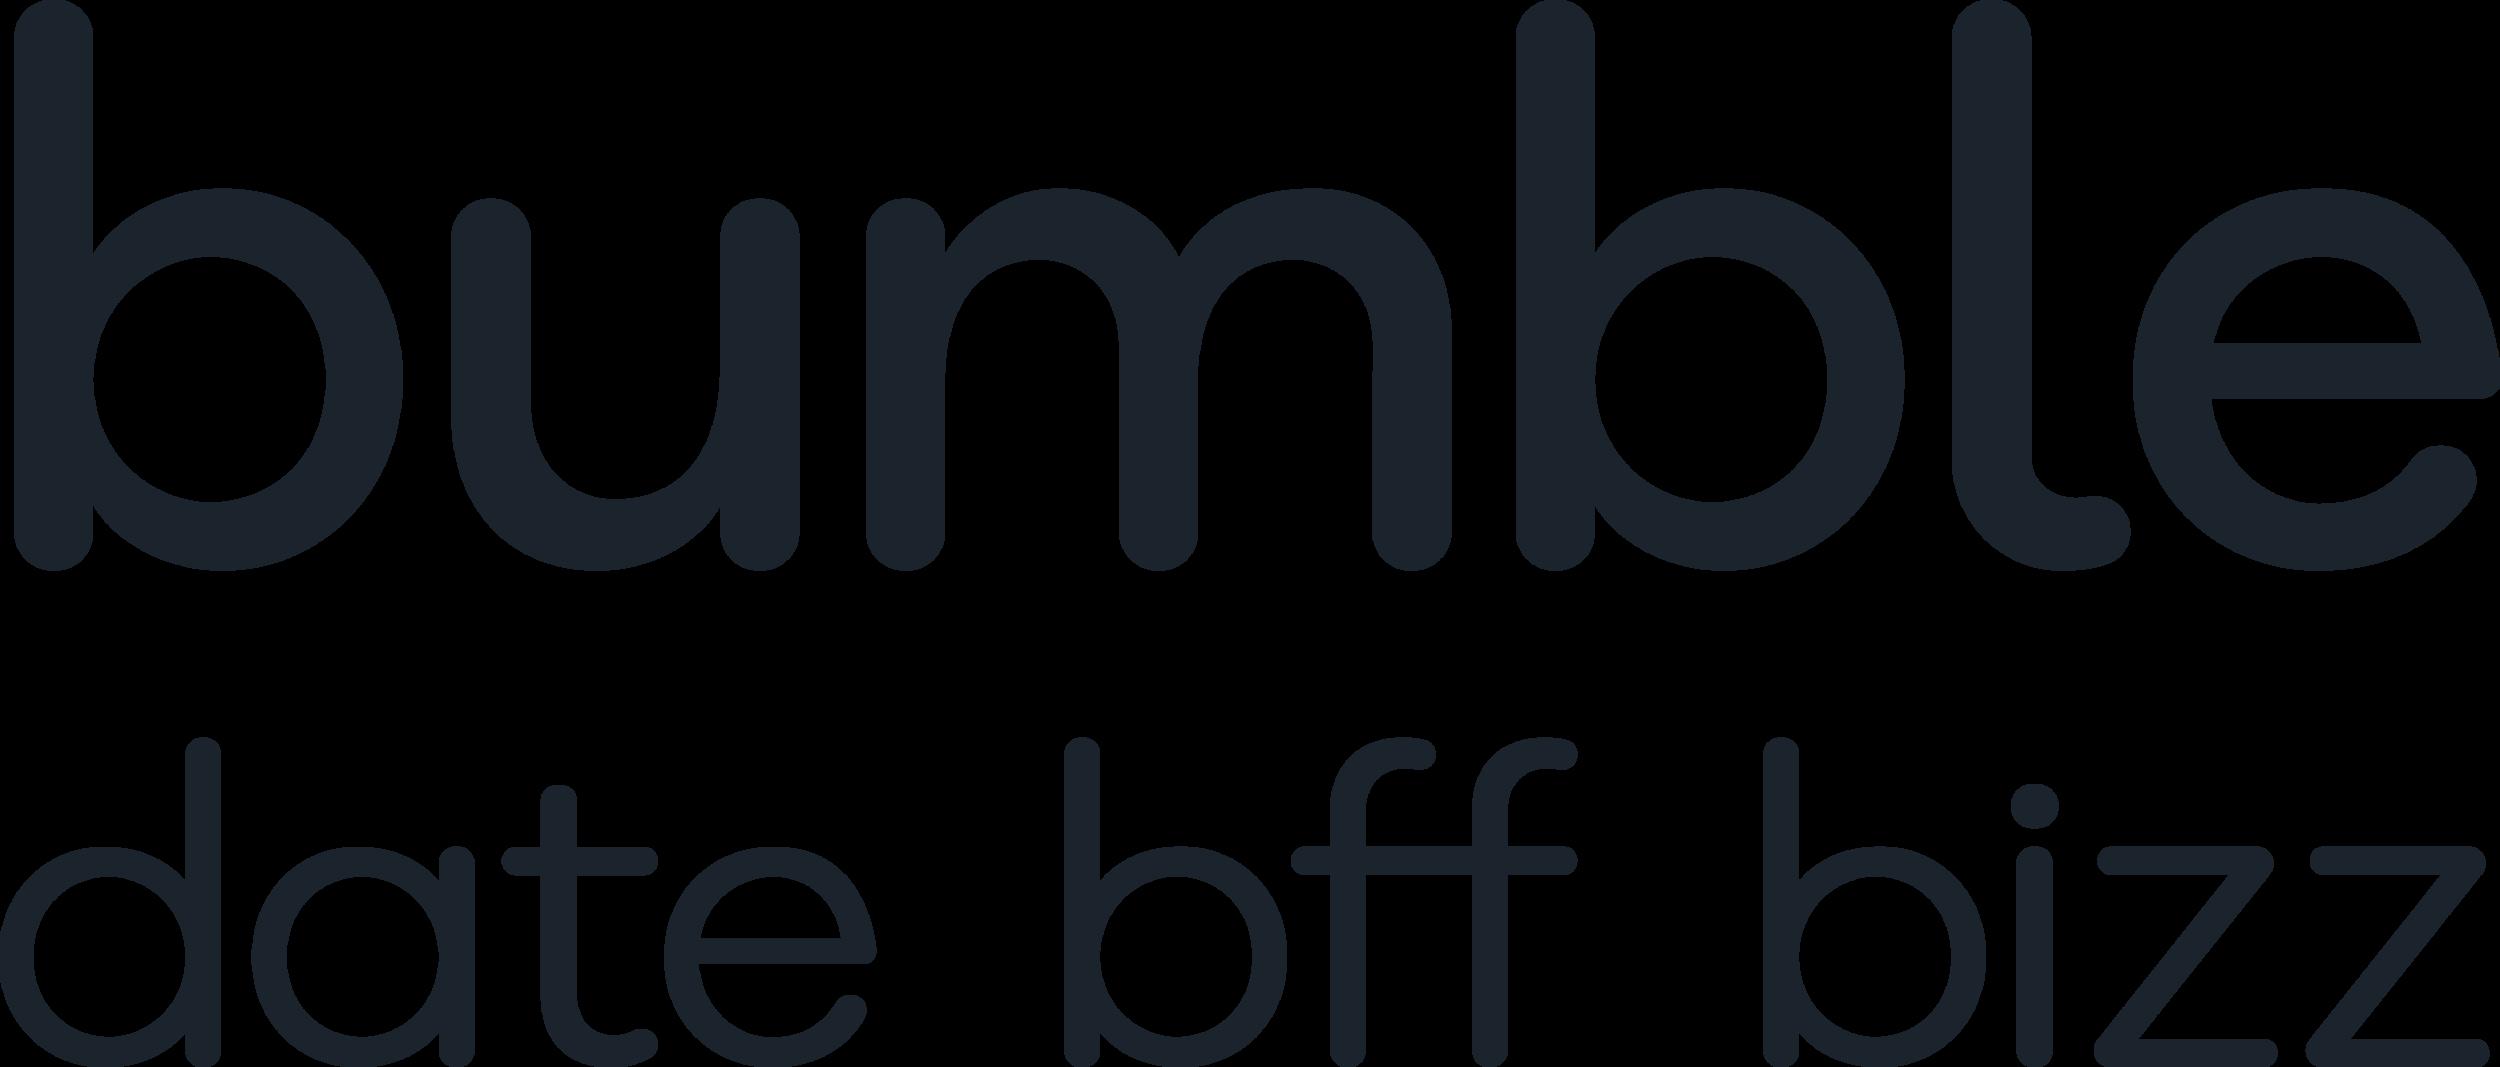 bumble_logolockup_black.png